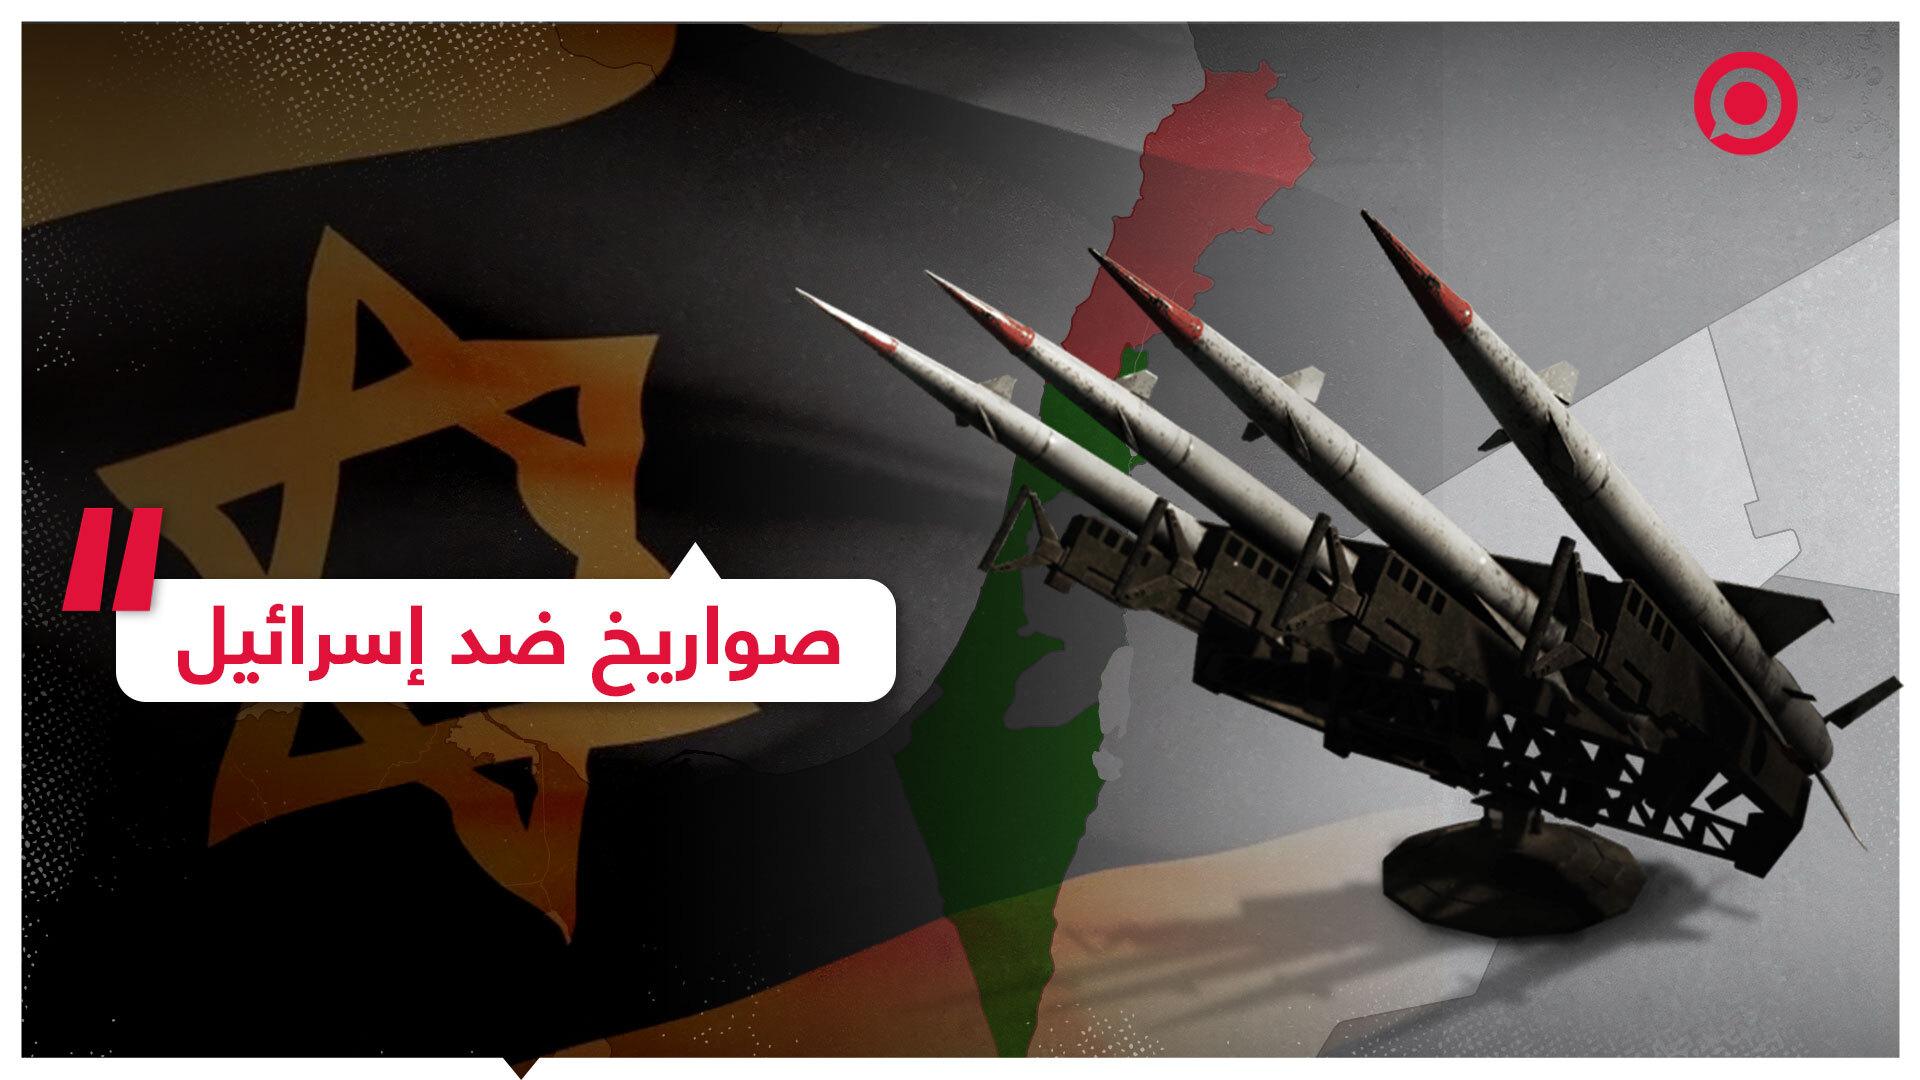 صواريخ موجهة ضد إسرائيل